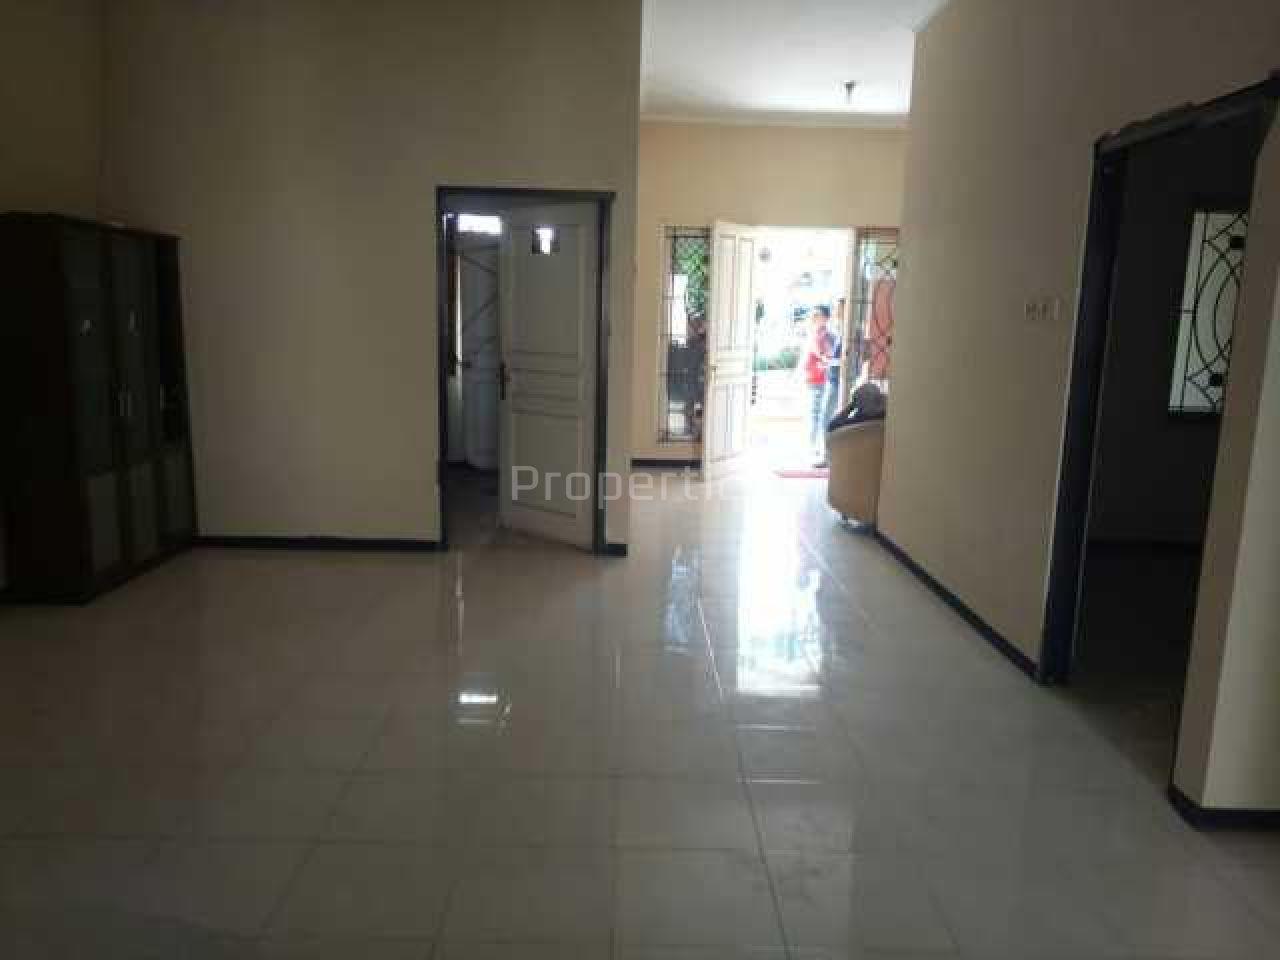 Rumah Relatif Baru dalam Perumahan Strategis, Kota Surabaya, Kota Surabaya